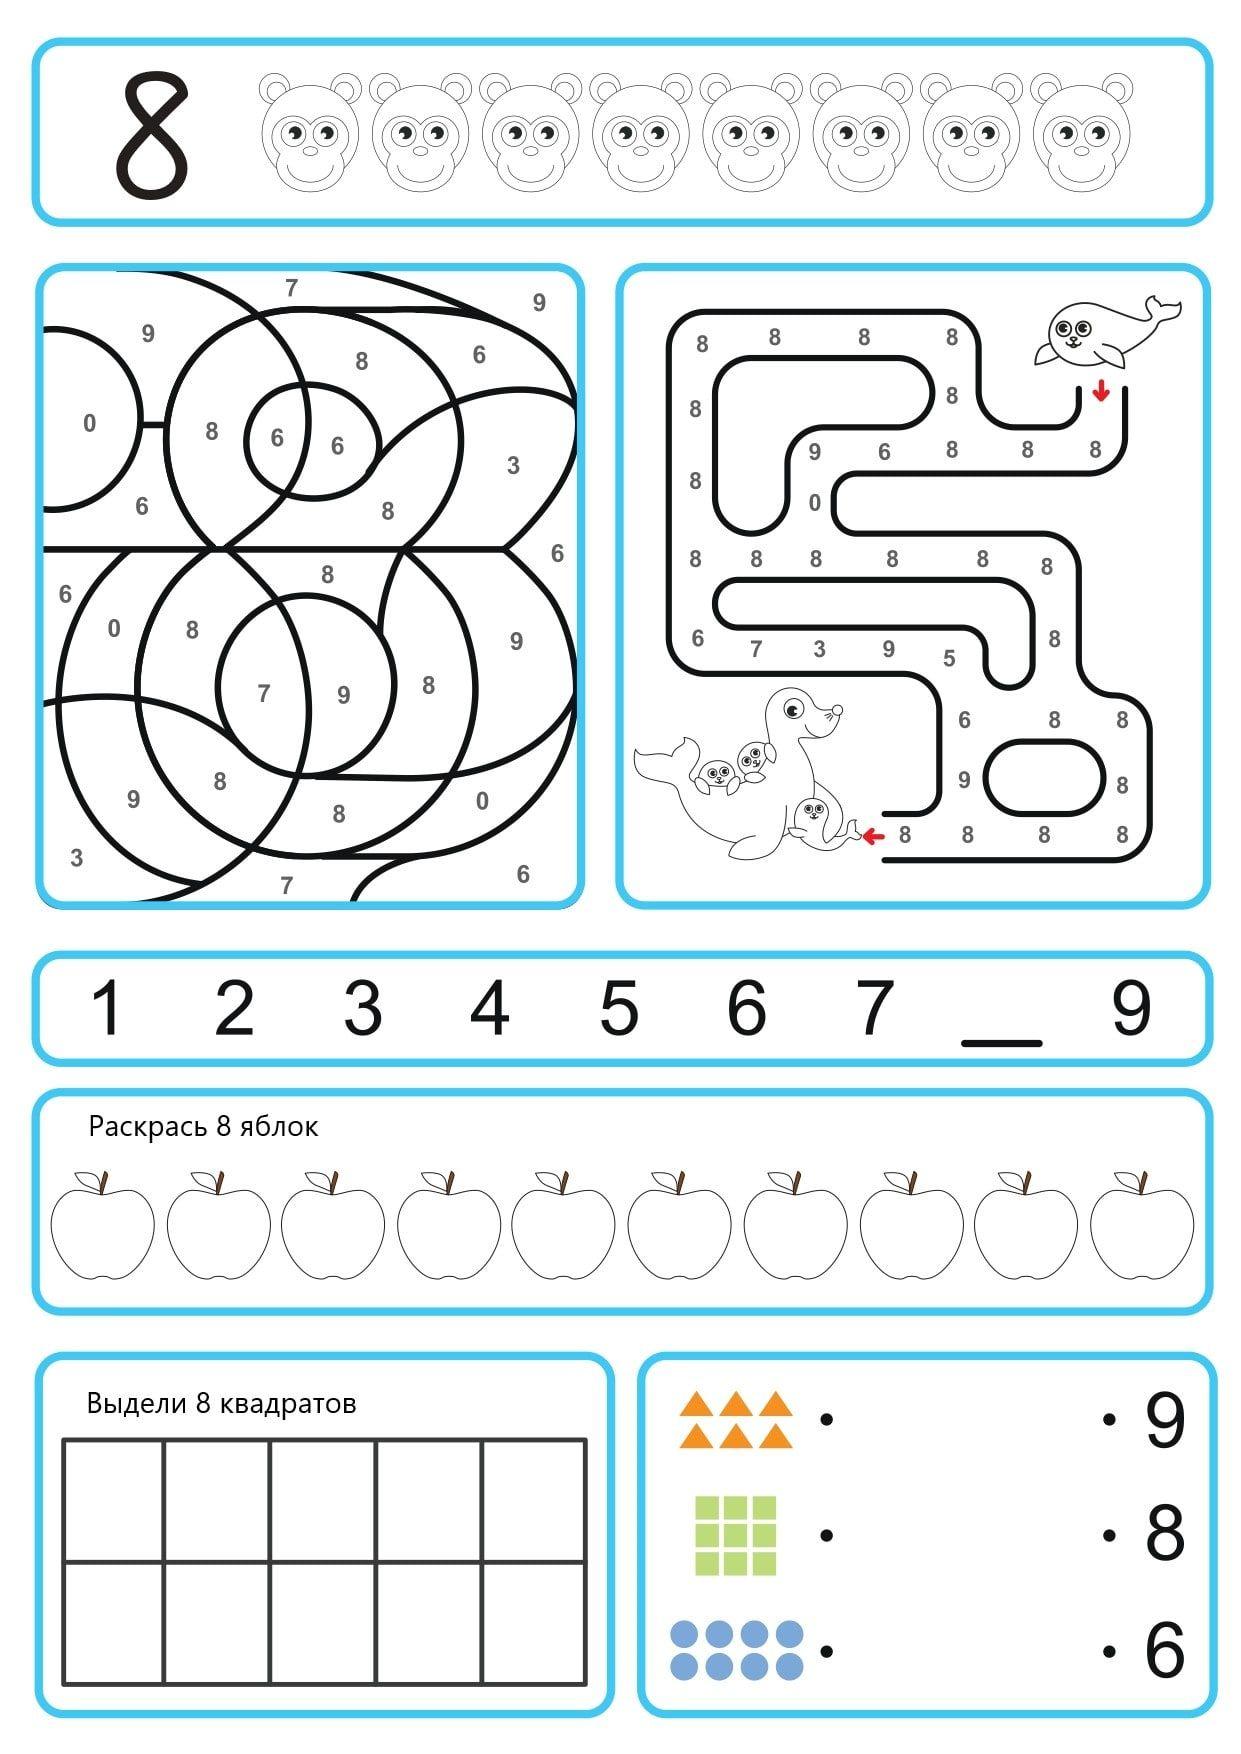 Zadaniya Dlya Podgotovki Detej K Shkole Analogij Net V 2020 G Podgotovka K Shkole Doma Shkola Matematicheskie Zadachi